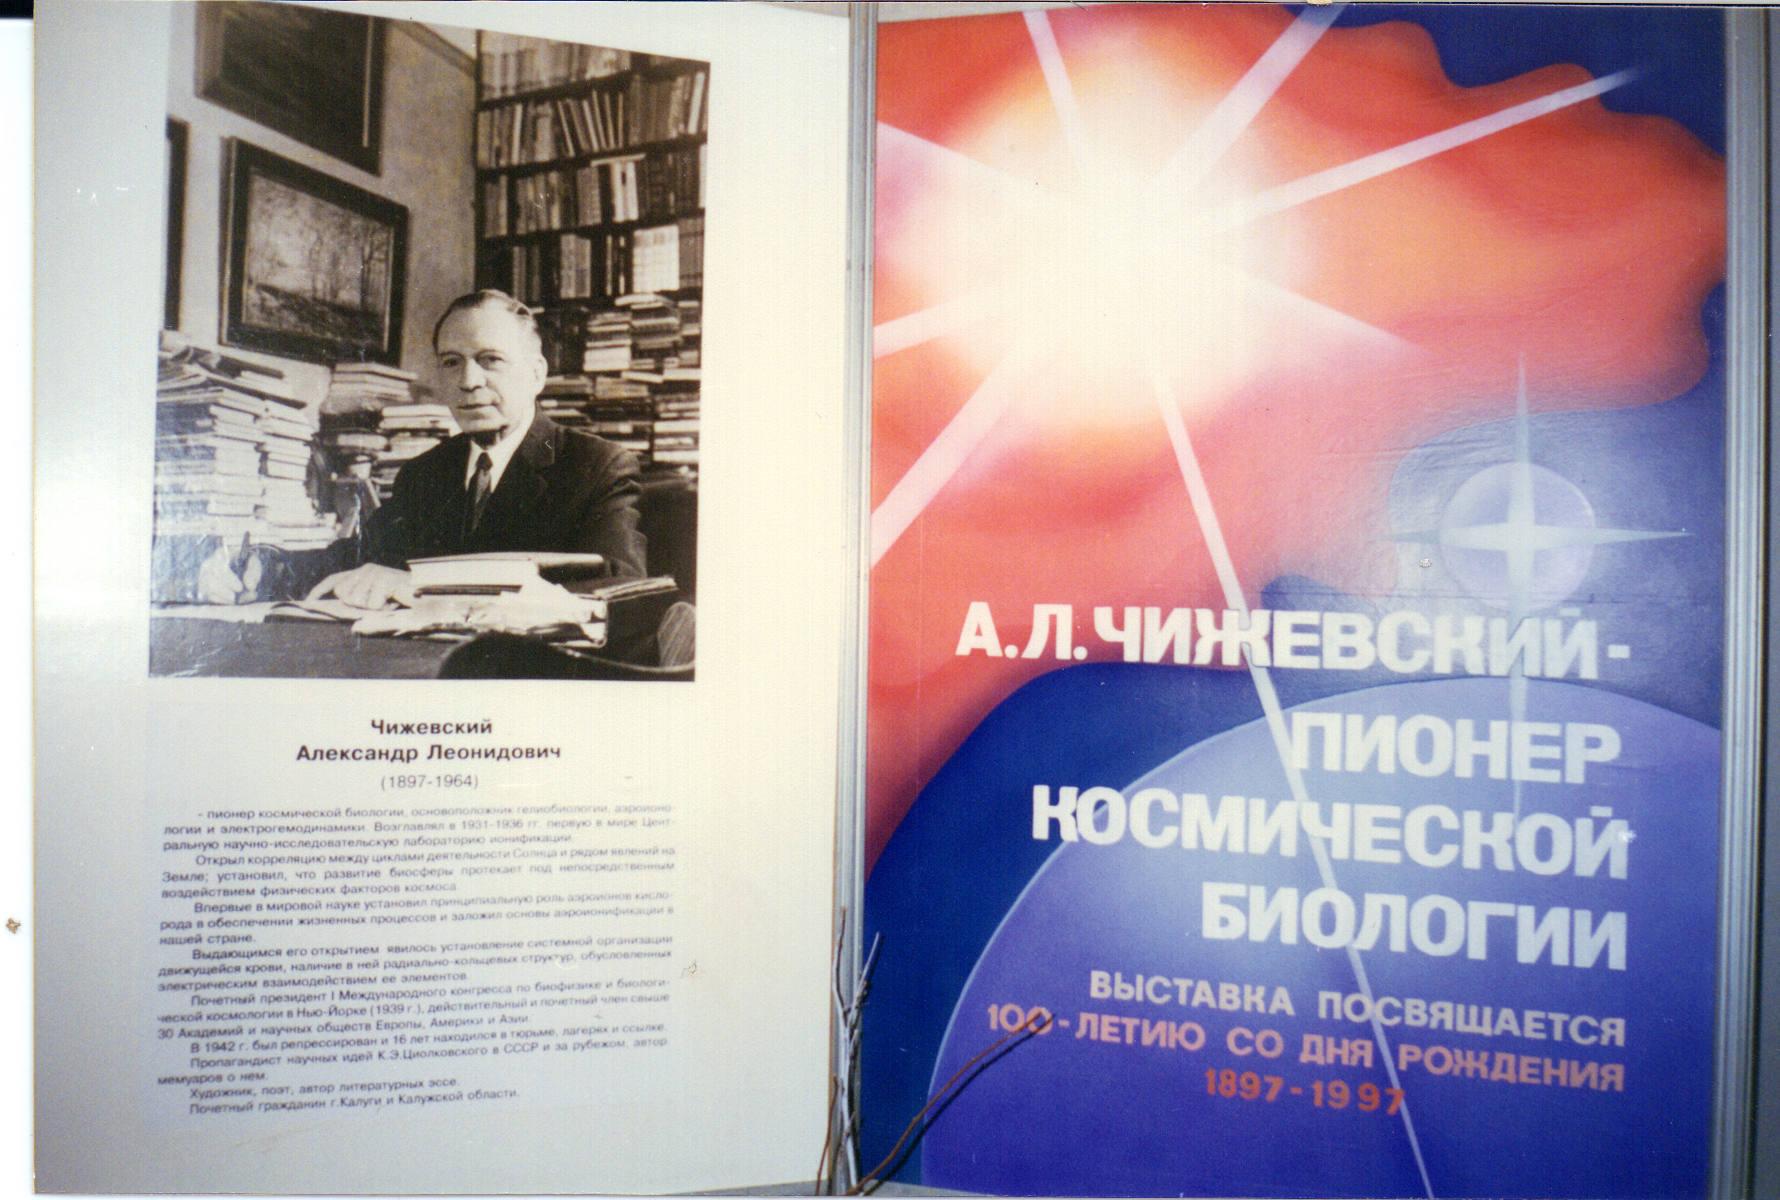 Выставка в Государственном музее истории космонавтики имени К.Э. Циолковского